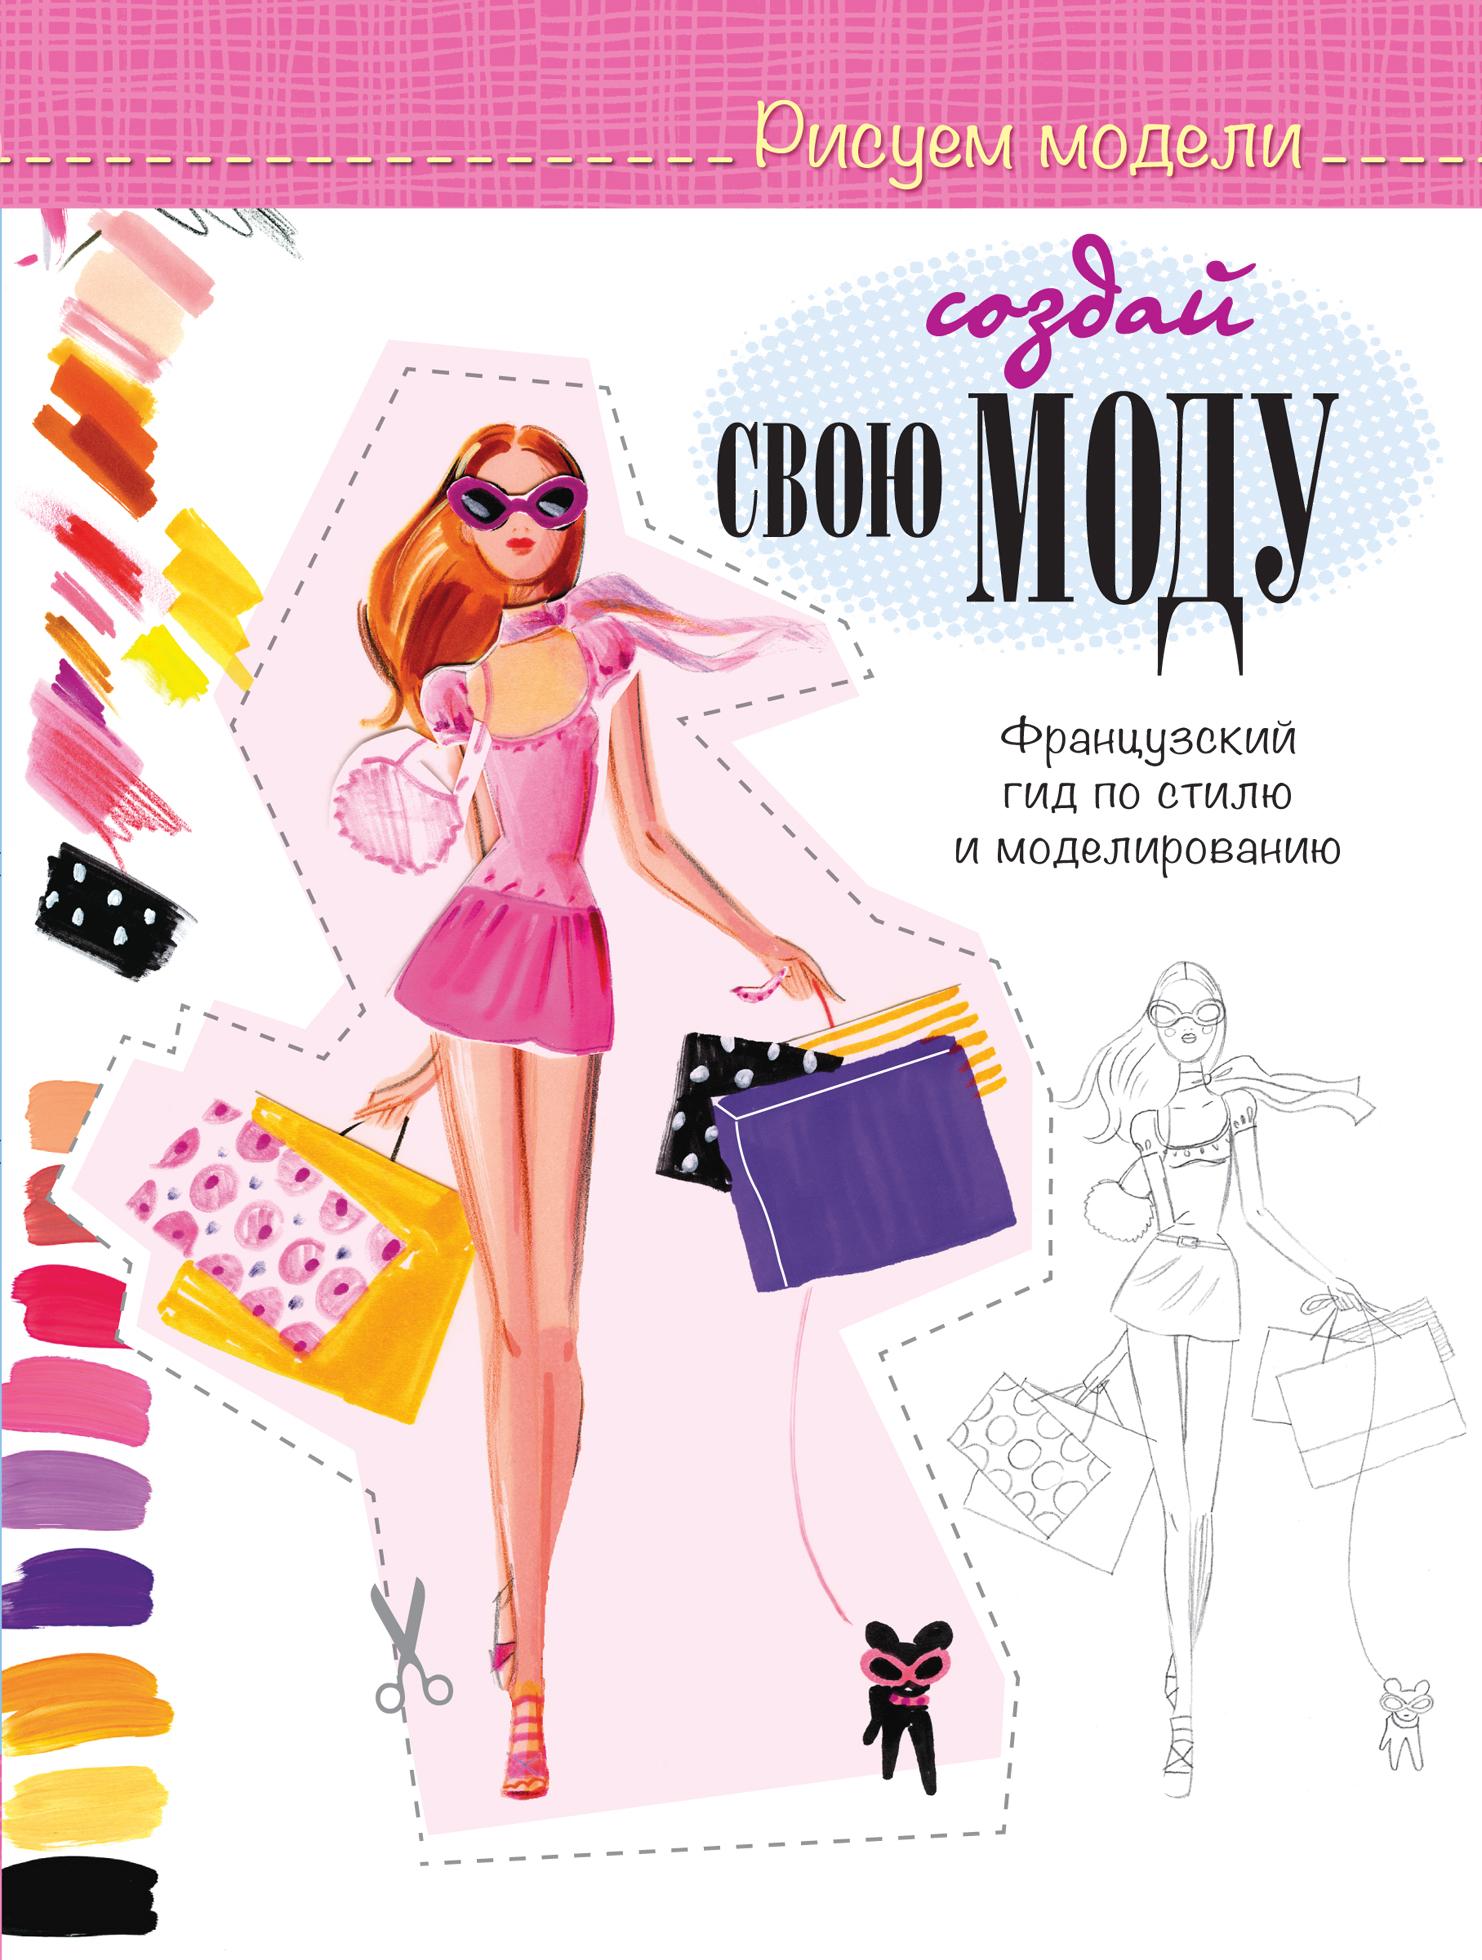 нас всегда книги и открытки о моде гарри